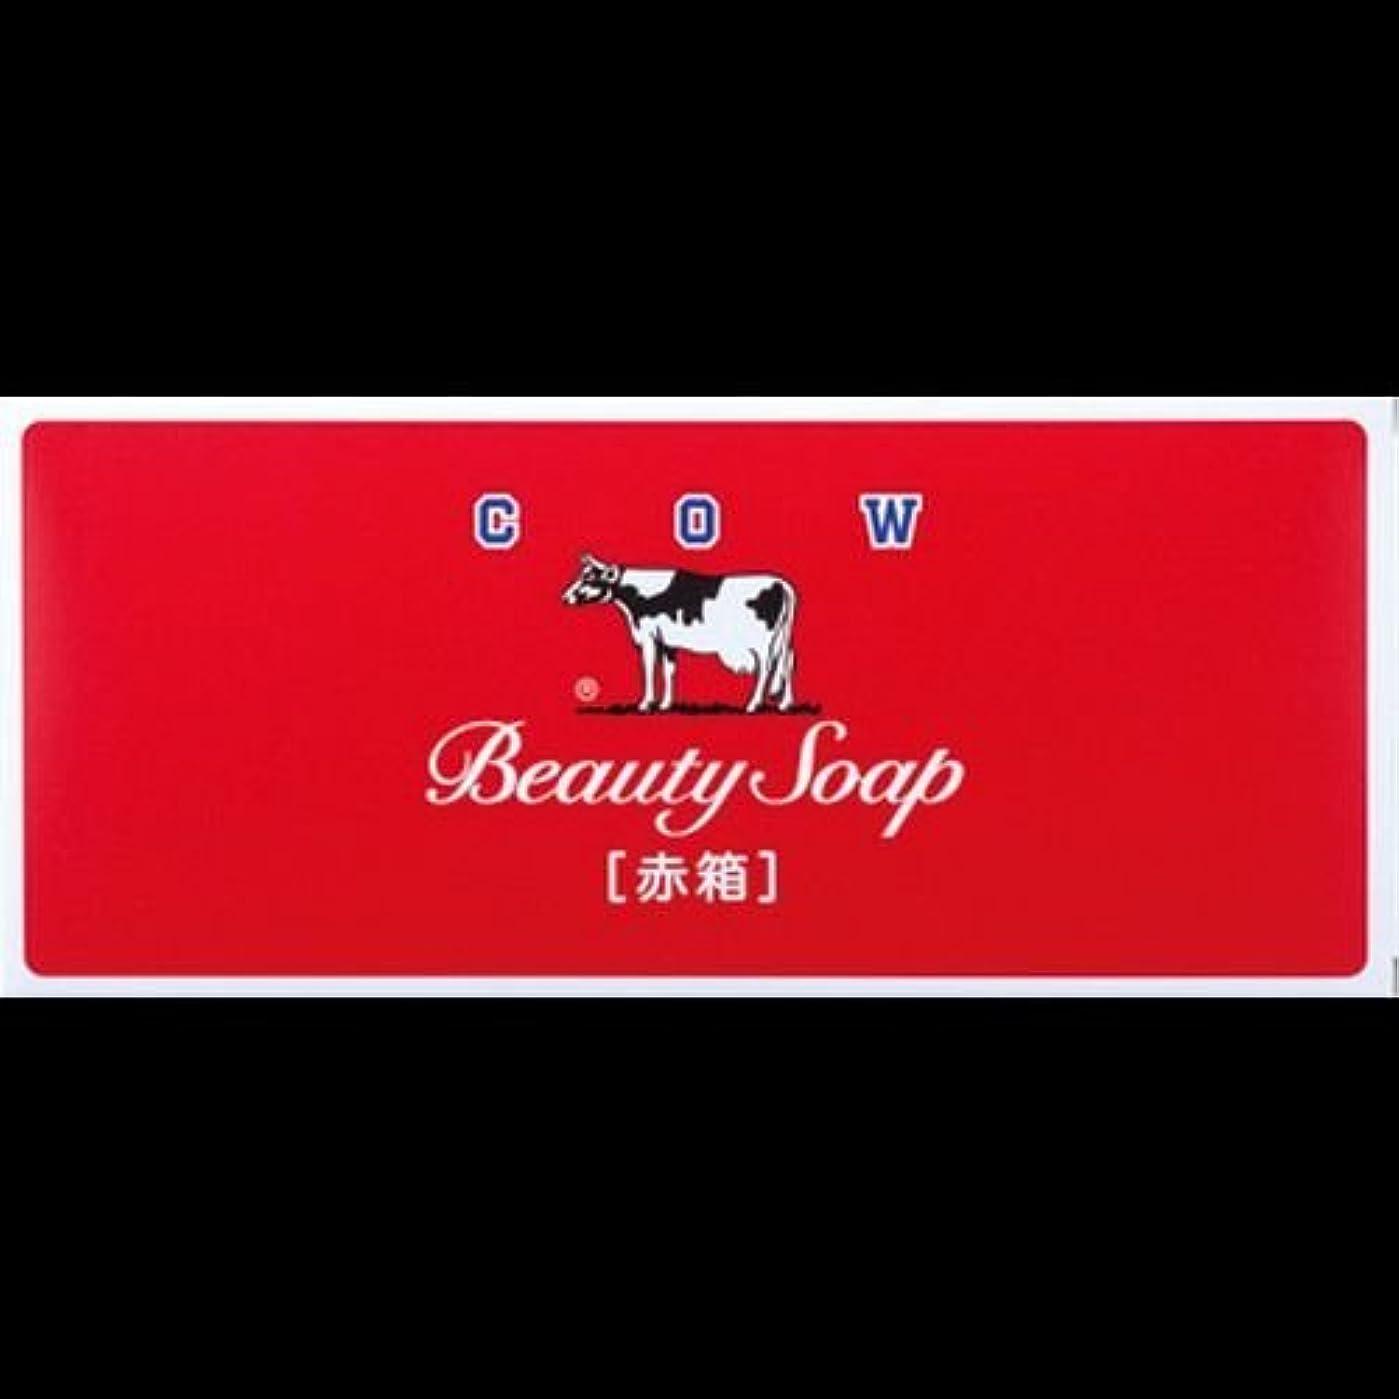 スライス甲虫お金【まとめ買い】カウブランド石鹸 赤箱100g*6個 ×2セット